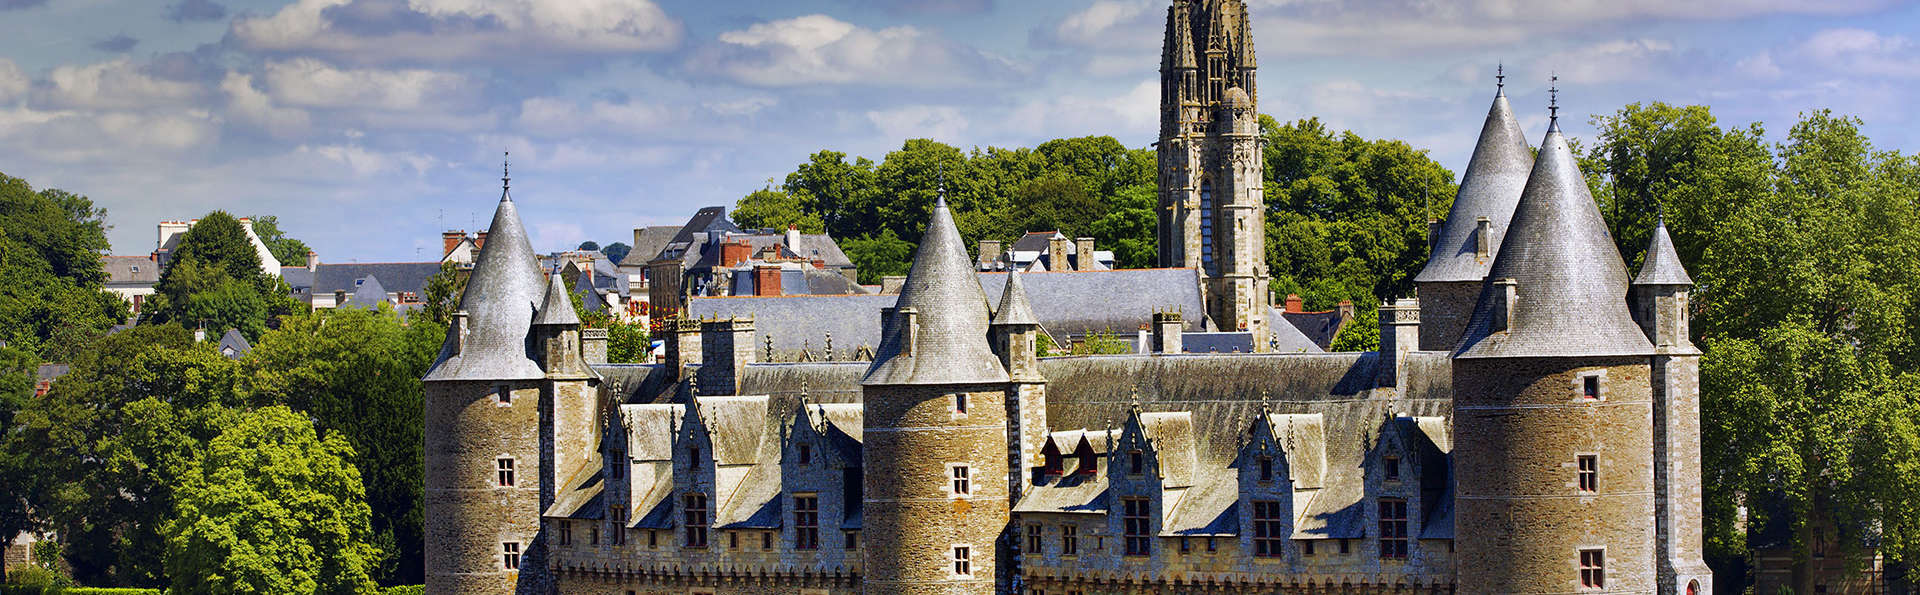 Le Grand Hôtel des Bains Locquirec (Relais du Silence) - Edit_Destination2.jpg